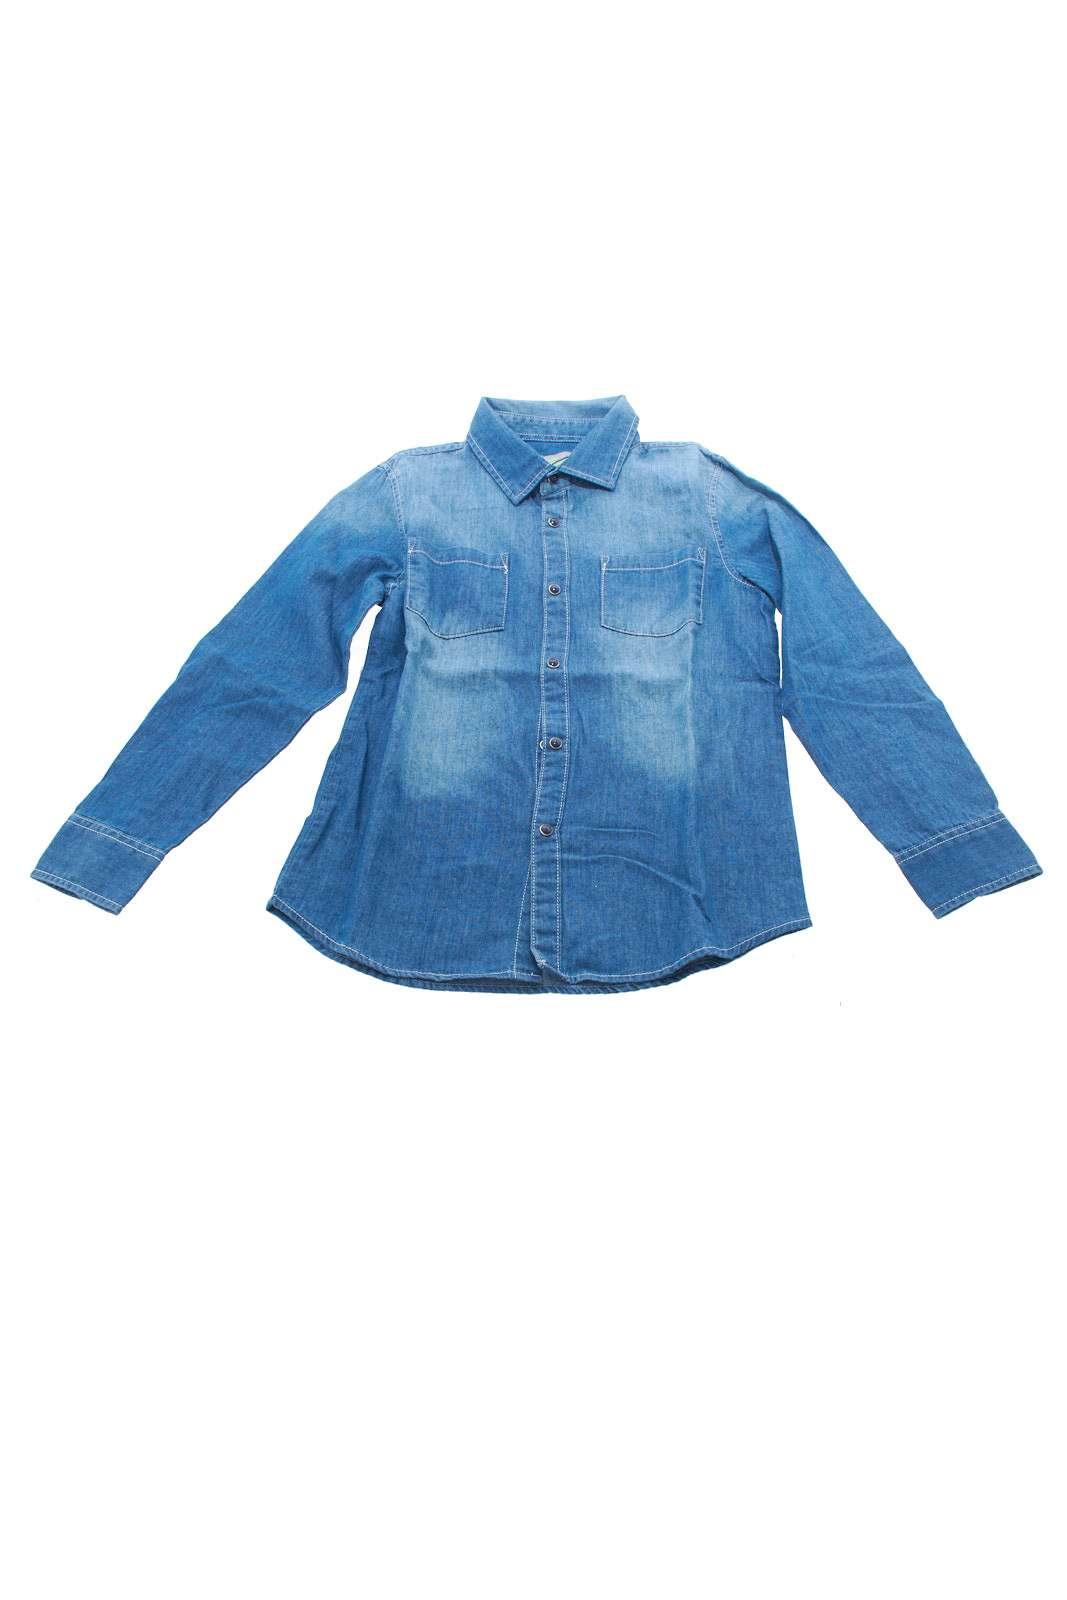 Camicia in denim con leggere sfumature più chiare. Da portare anche aperta con una t shirt sotto abbinata.